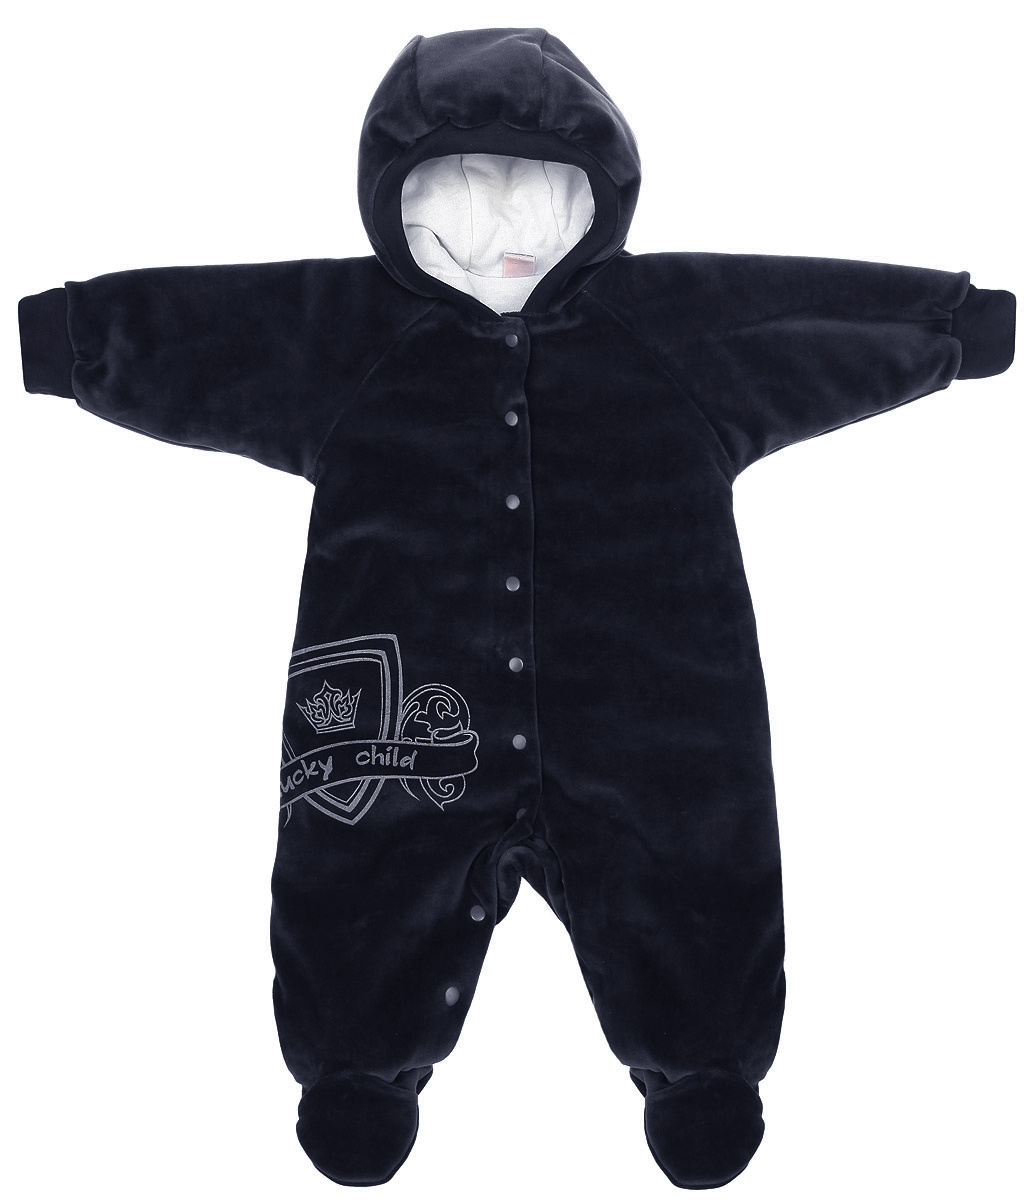 Комбинезон детский Lucky Child, цвет: темно-синий, белый. 5-1. Размер 74/805-1Детский комбинезон Lucky Child - очень удобный и практичный вид одежды для малышей. Комбинезон выполнен из велюра на подкладке из натурального хлопка, благодаря чему он необычайно мягкий и приятный на ощупь, не раздражают нежную кожу ребенка и хорошо вентилируются, а эластичные швы приятны телу младенца и не препятствуют его движениям. В качестве утеплителя используется синтепон. Комбинезон с капюшоном, длинными рукавами-реглан и закрытыми ножками по центру застегивается на металлические застежки-кнопки, также имеются застежки-кнопки на ластовице, что помогает с легкостью переодеть младенца или сменить подгузник. Капюшон по краю дополнен широкой трикотажной резинкой. Рукава понизу дополнены широкими эластичными манжетами, которые мягко обхватывают запястья. Спереди изделие оформлено оригинальным принтом в виде логотипа бренда. С детским комбинезоном Lucky Child спинка и ножки вашего малыша всегда будут в тепле. Комбинезон полностью соответствует особенностям жизни младенца в ранний период, не стесняя и не ограничивая его в движениях!